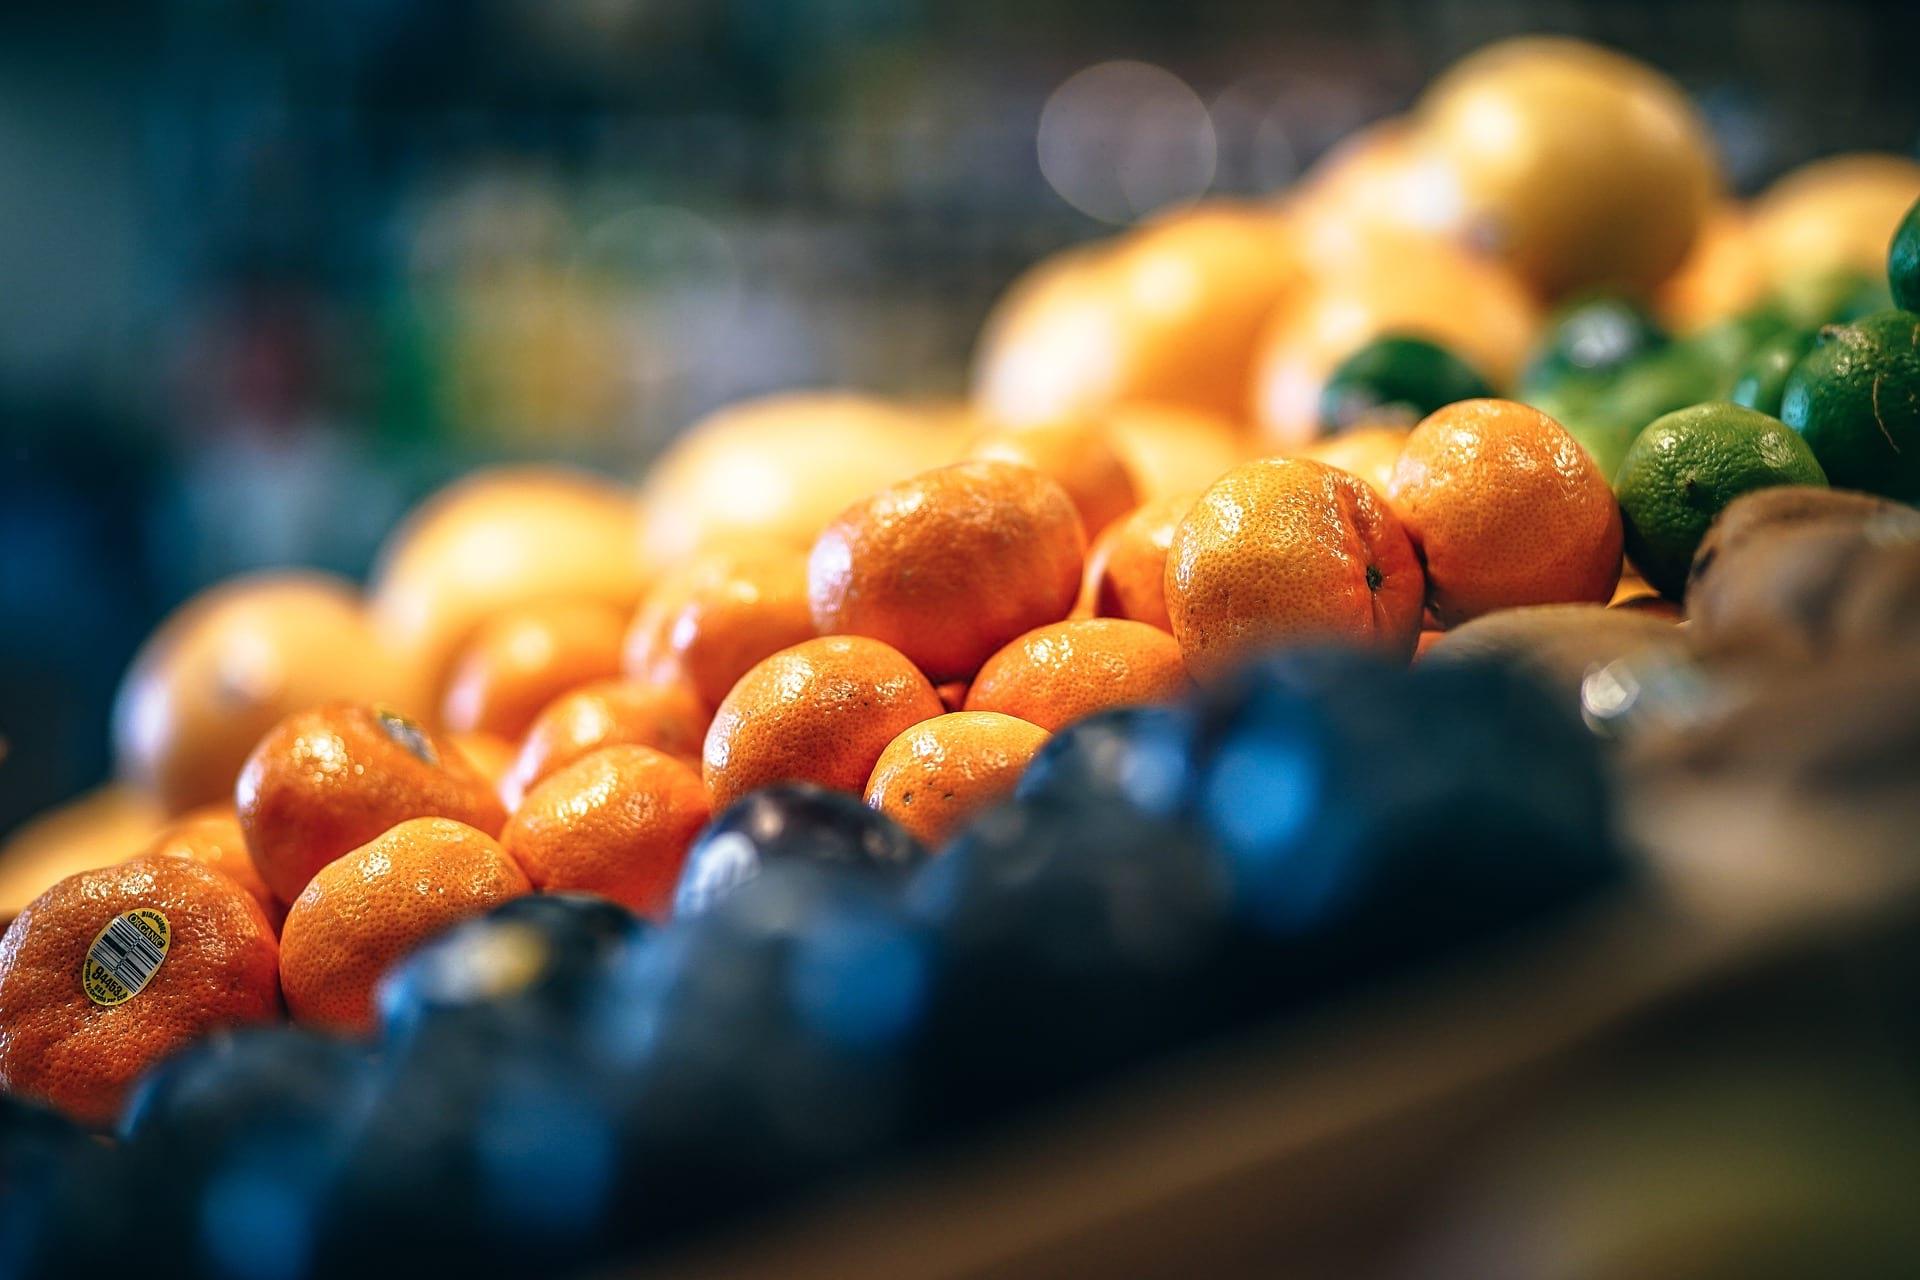 tony tangerines market